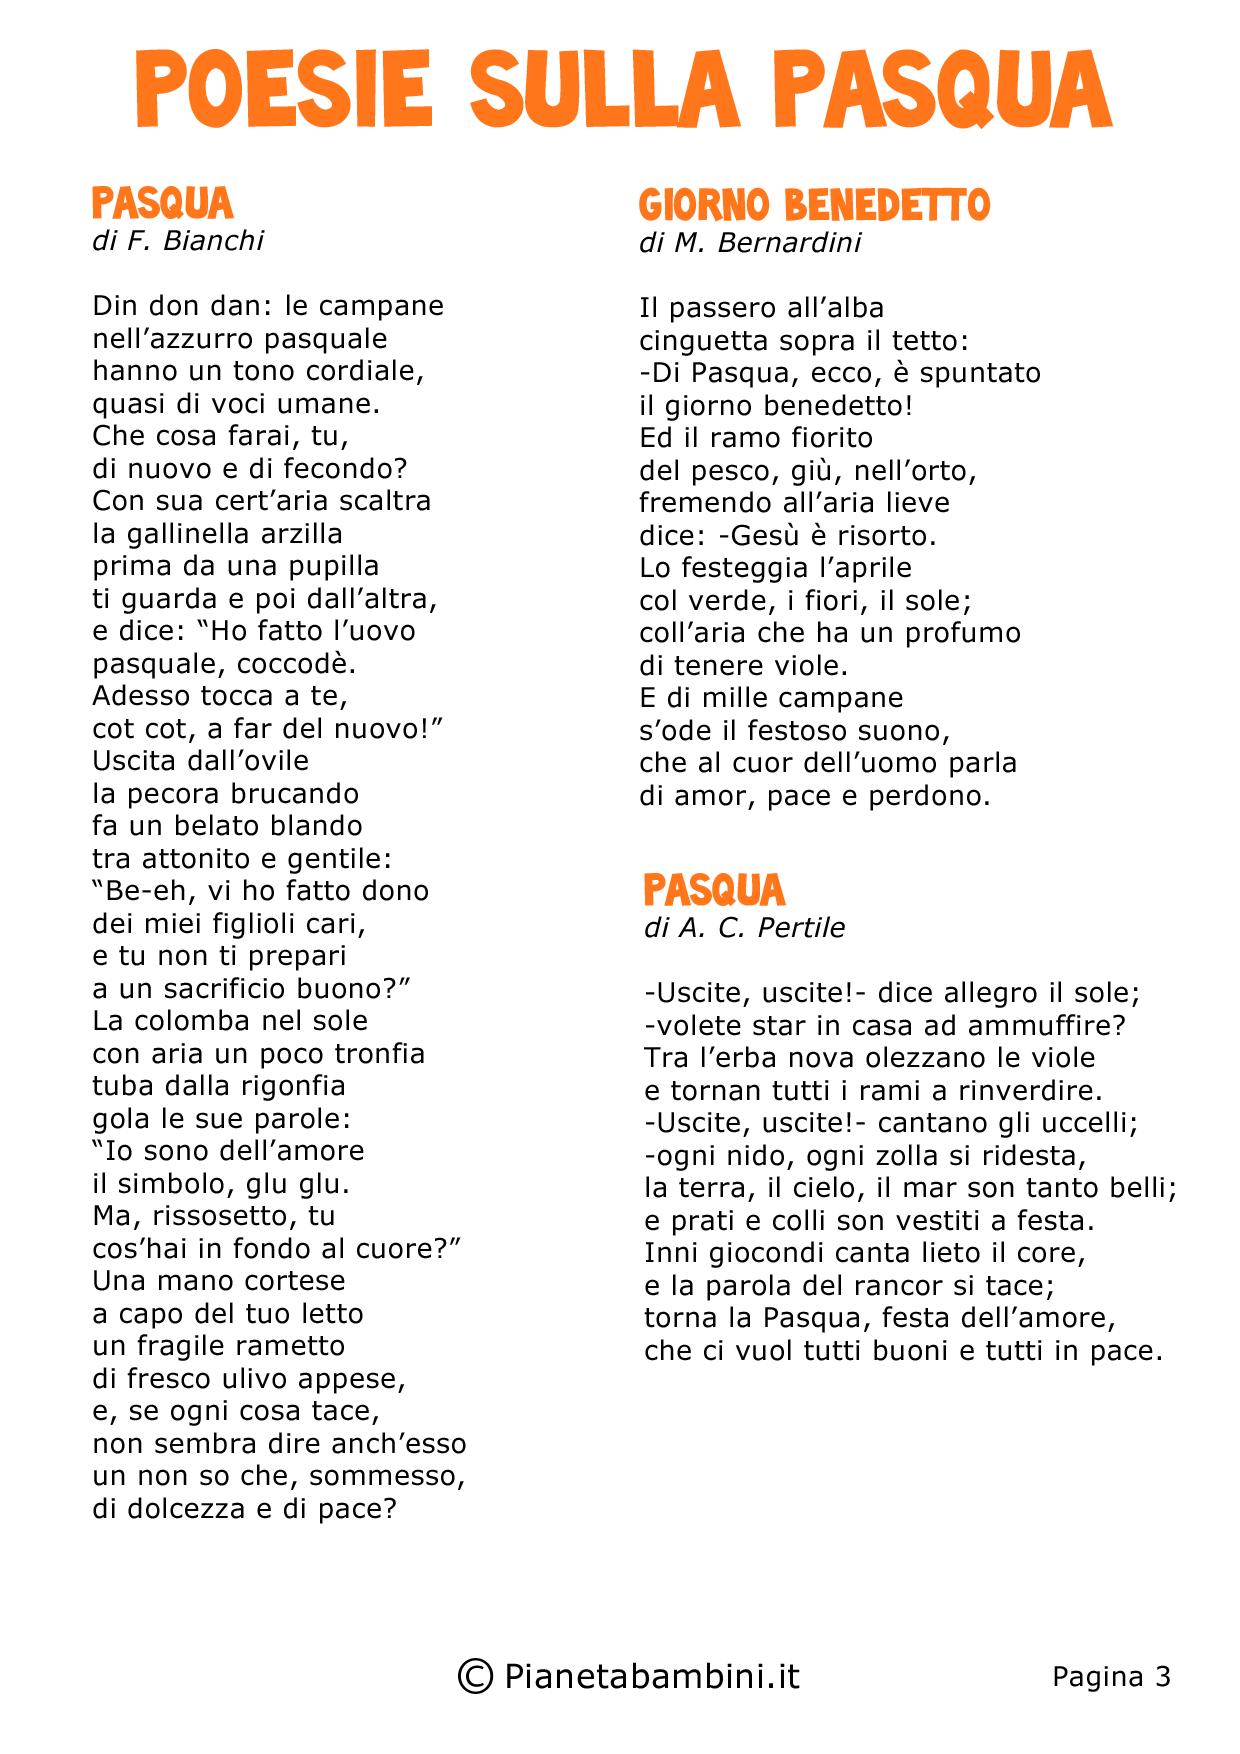 Exceptionnel Poesie di Pasqua per Bambini della Scuola Primaria | PianetaBambini.it EN21